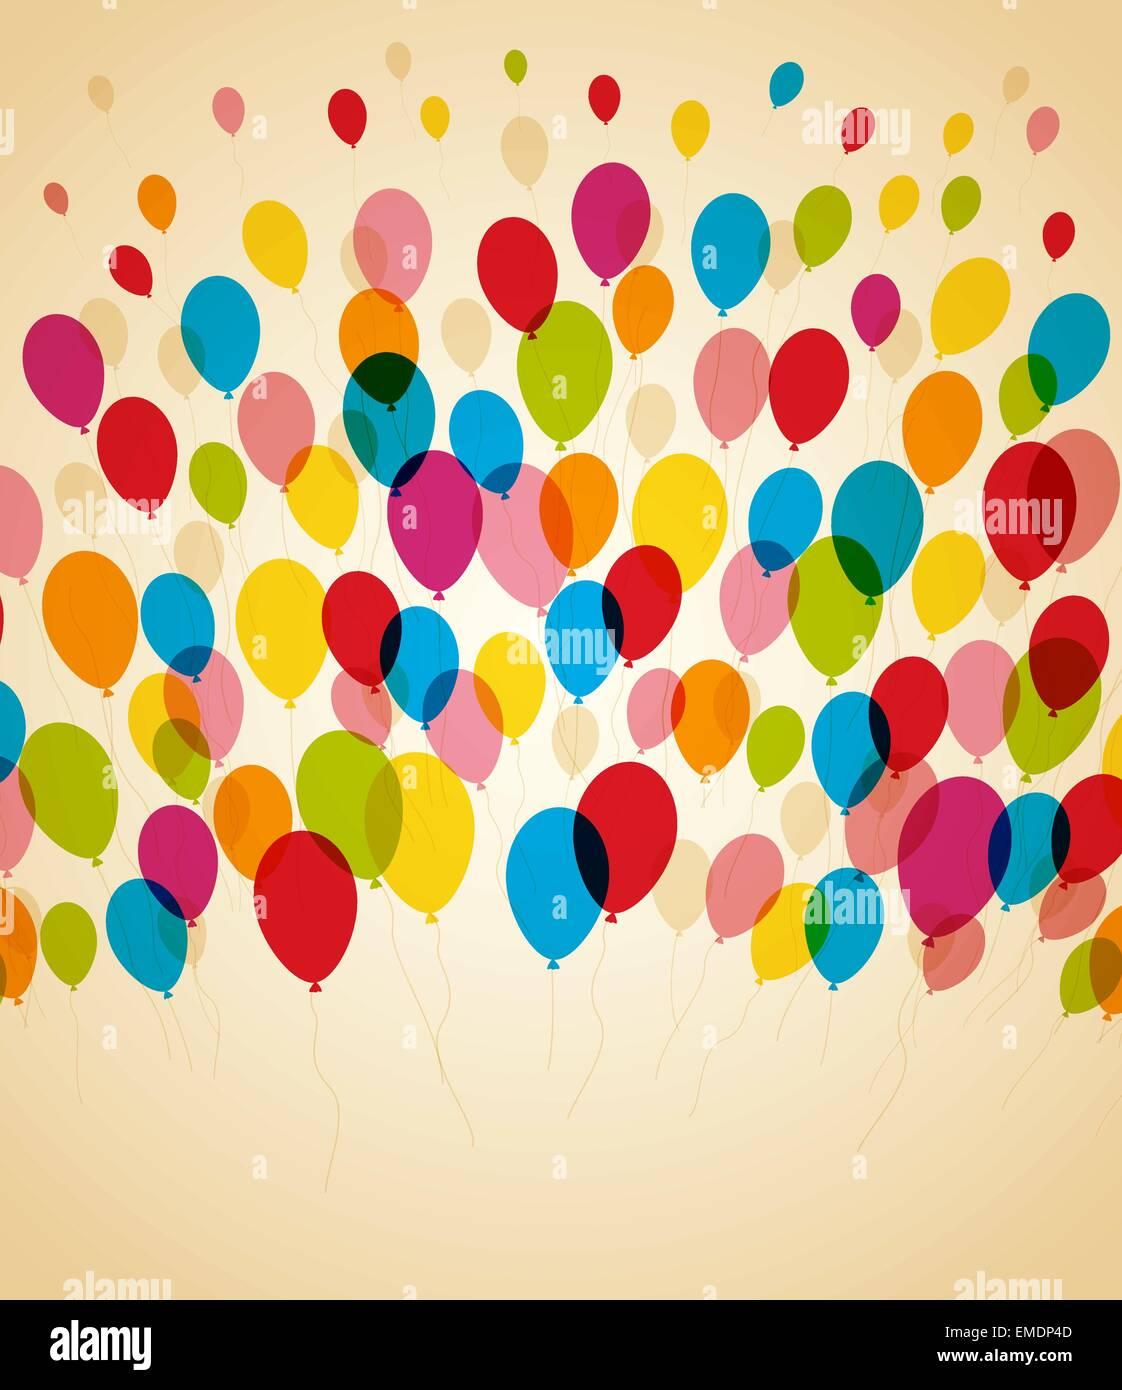 Feliz cumpleaños Imagen De Stock